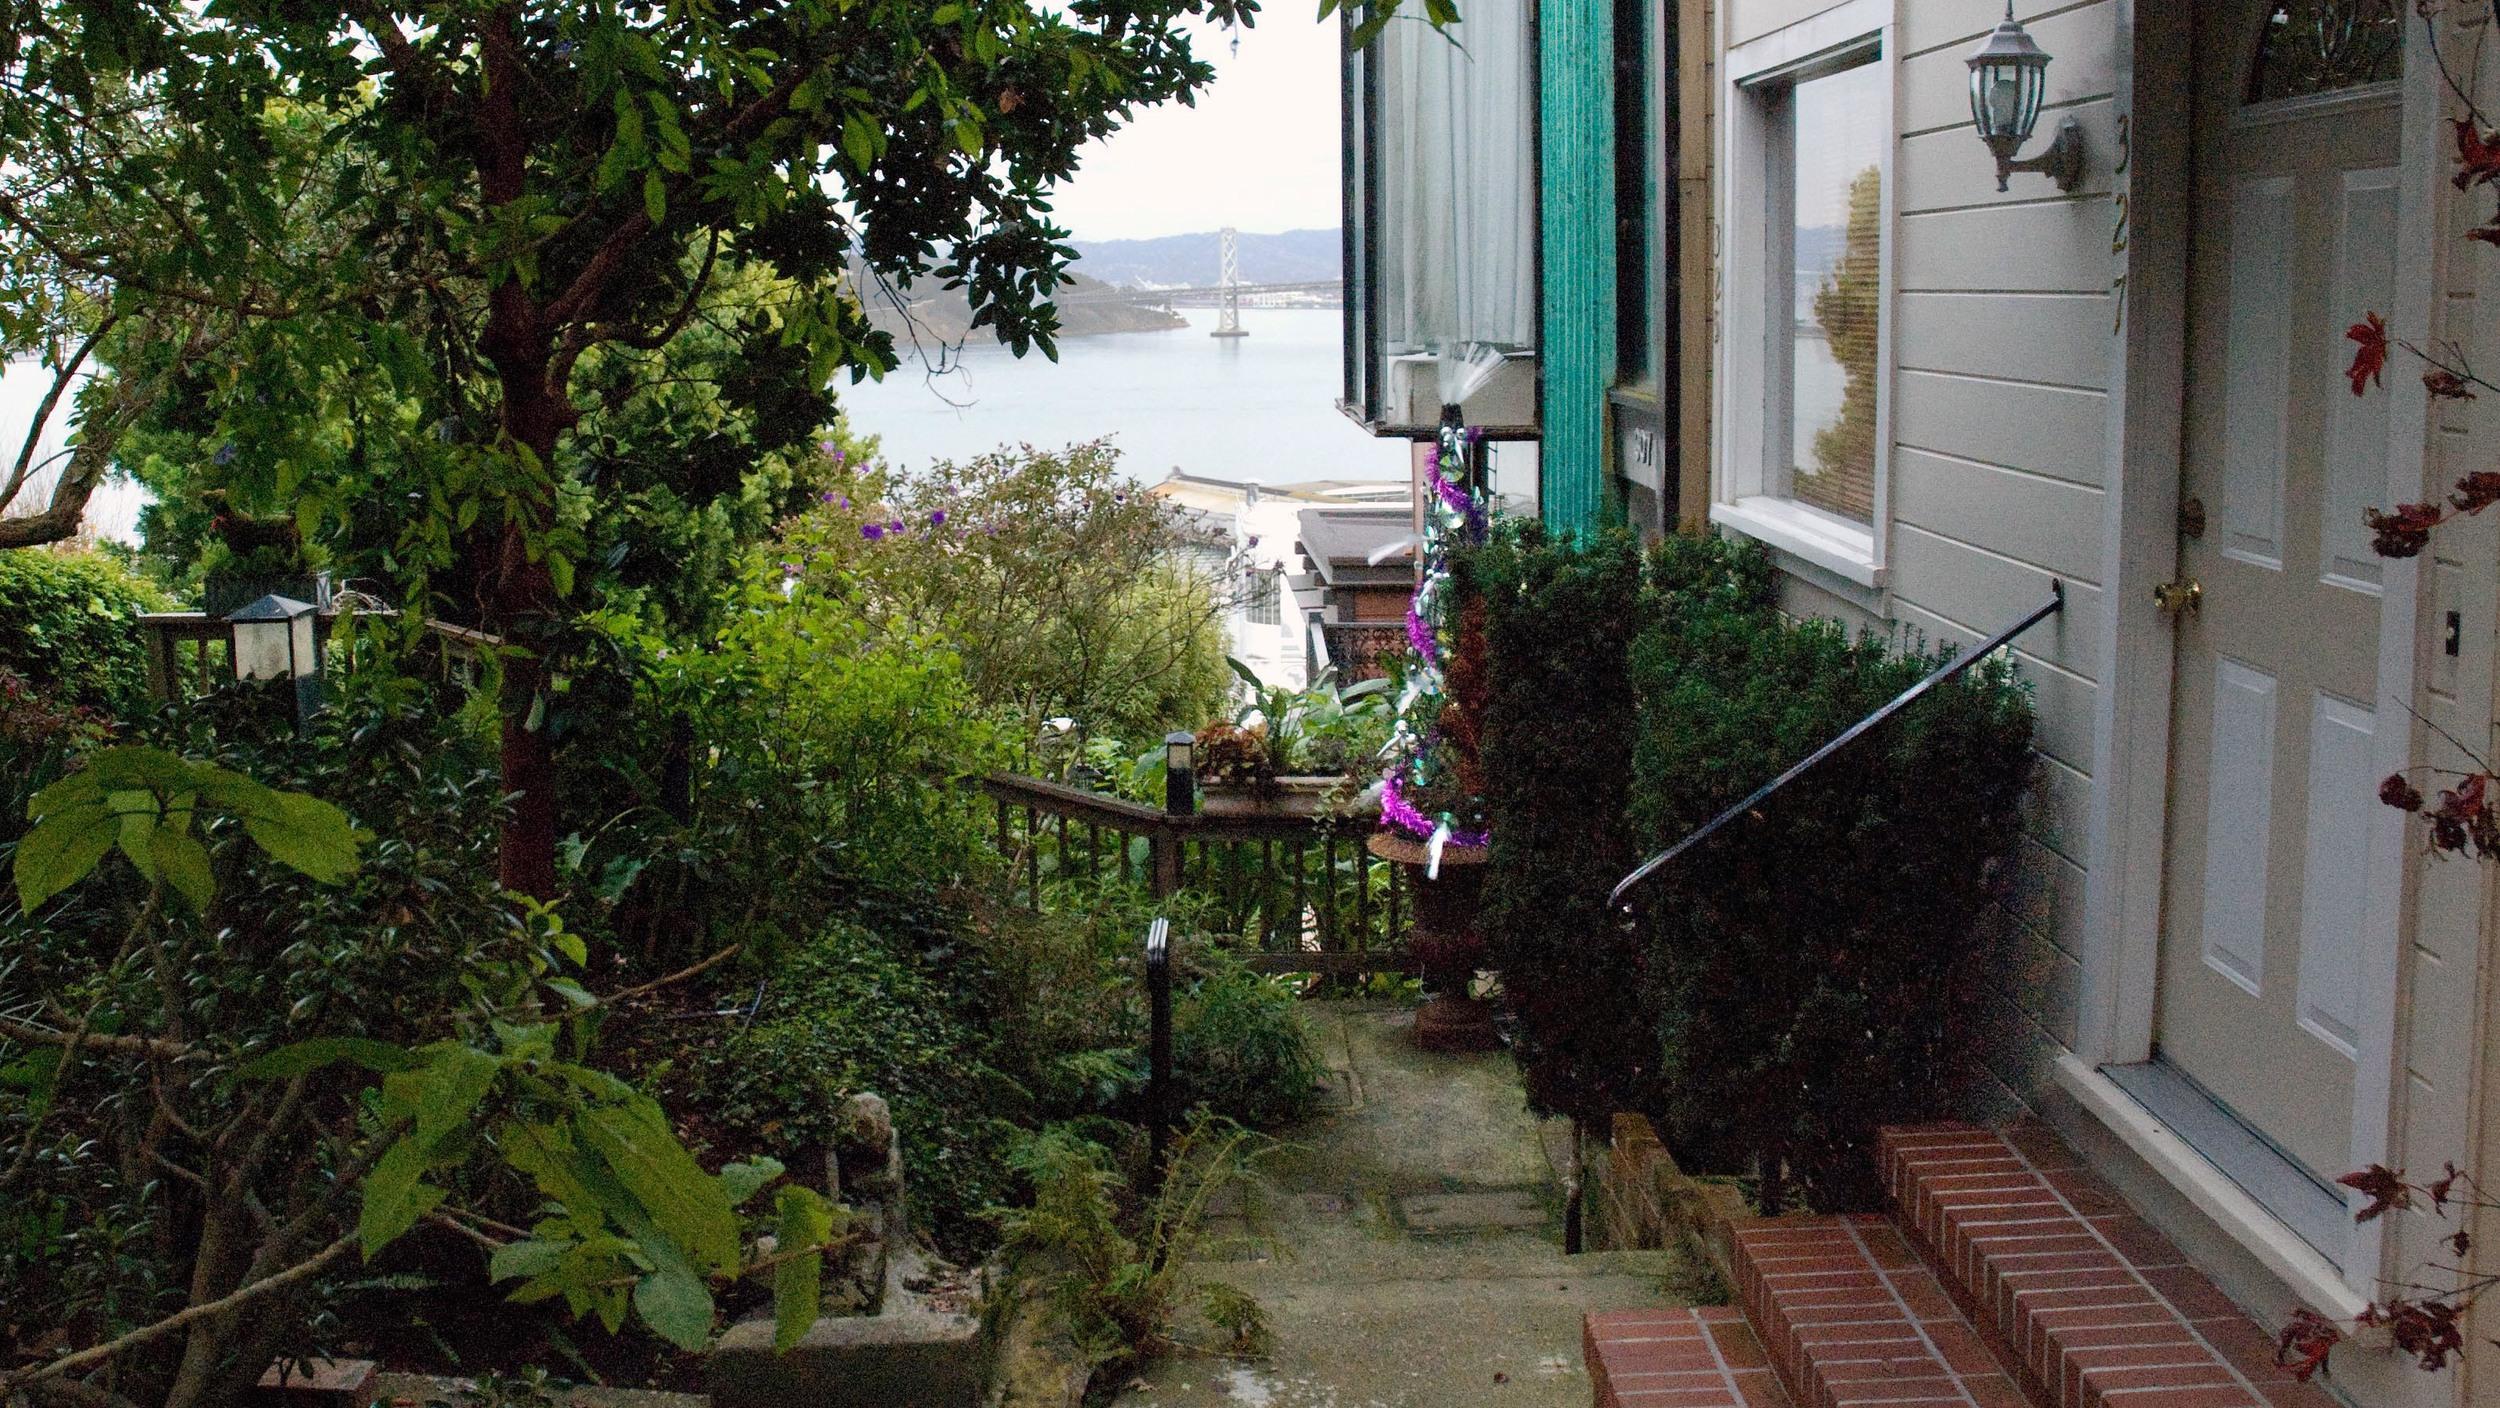 Petulia - Archie's Apartment, Exterior